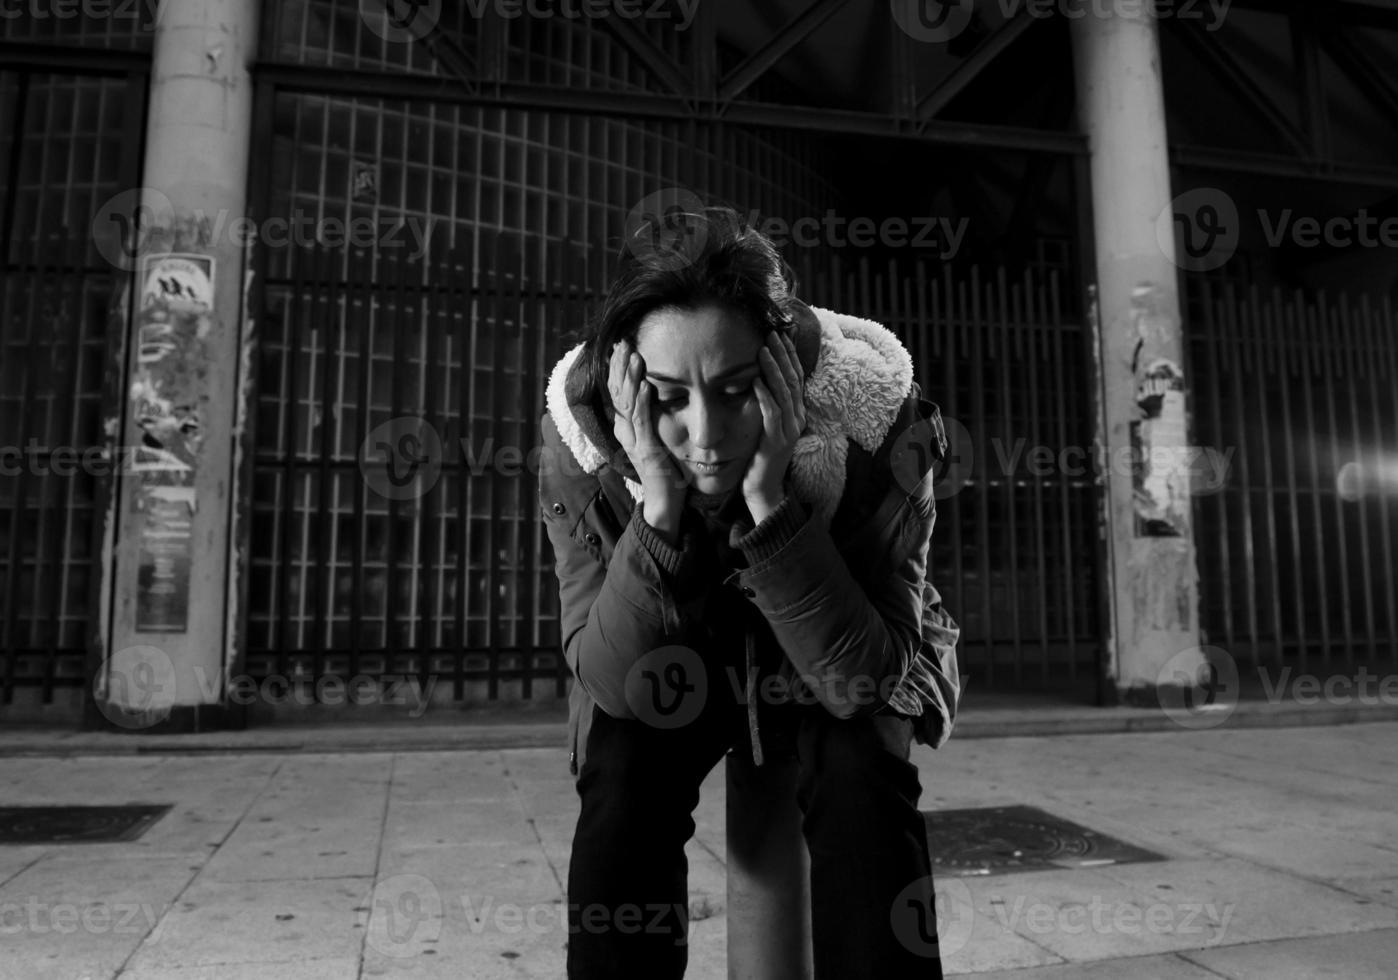 mulher sozinha na rua sofrendo de depressão olhando triste desesperada foto